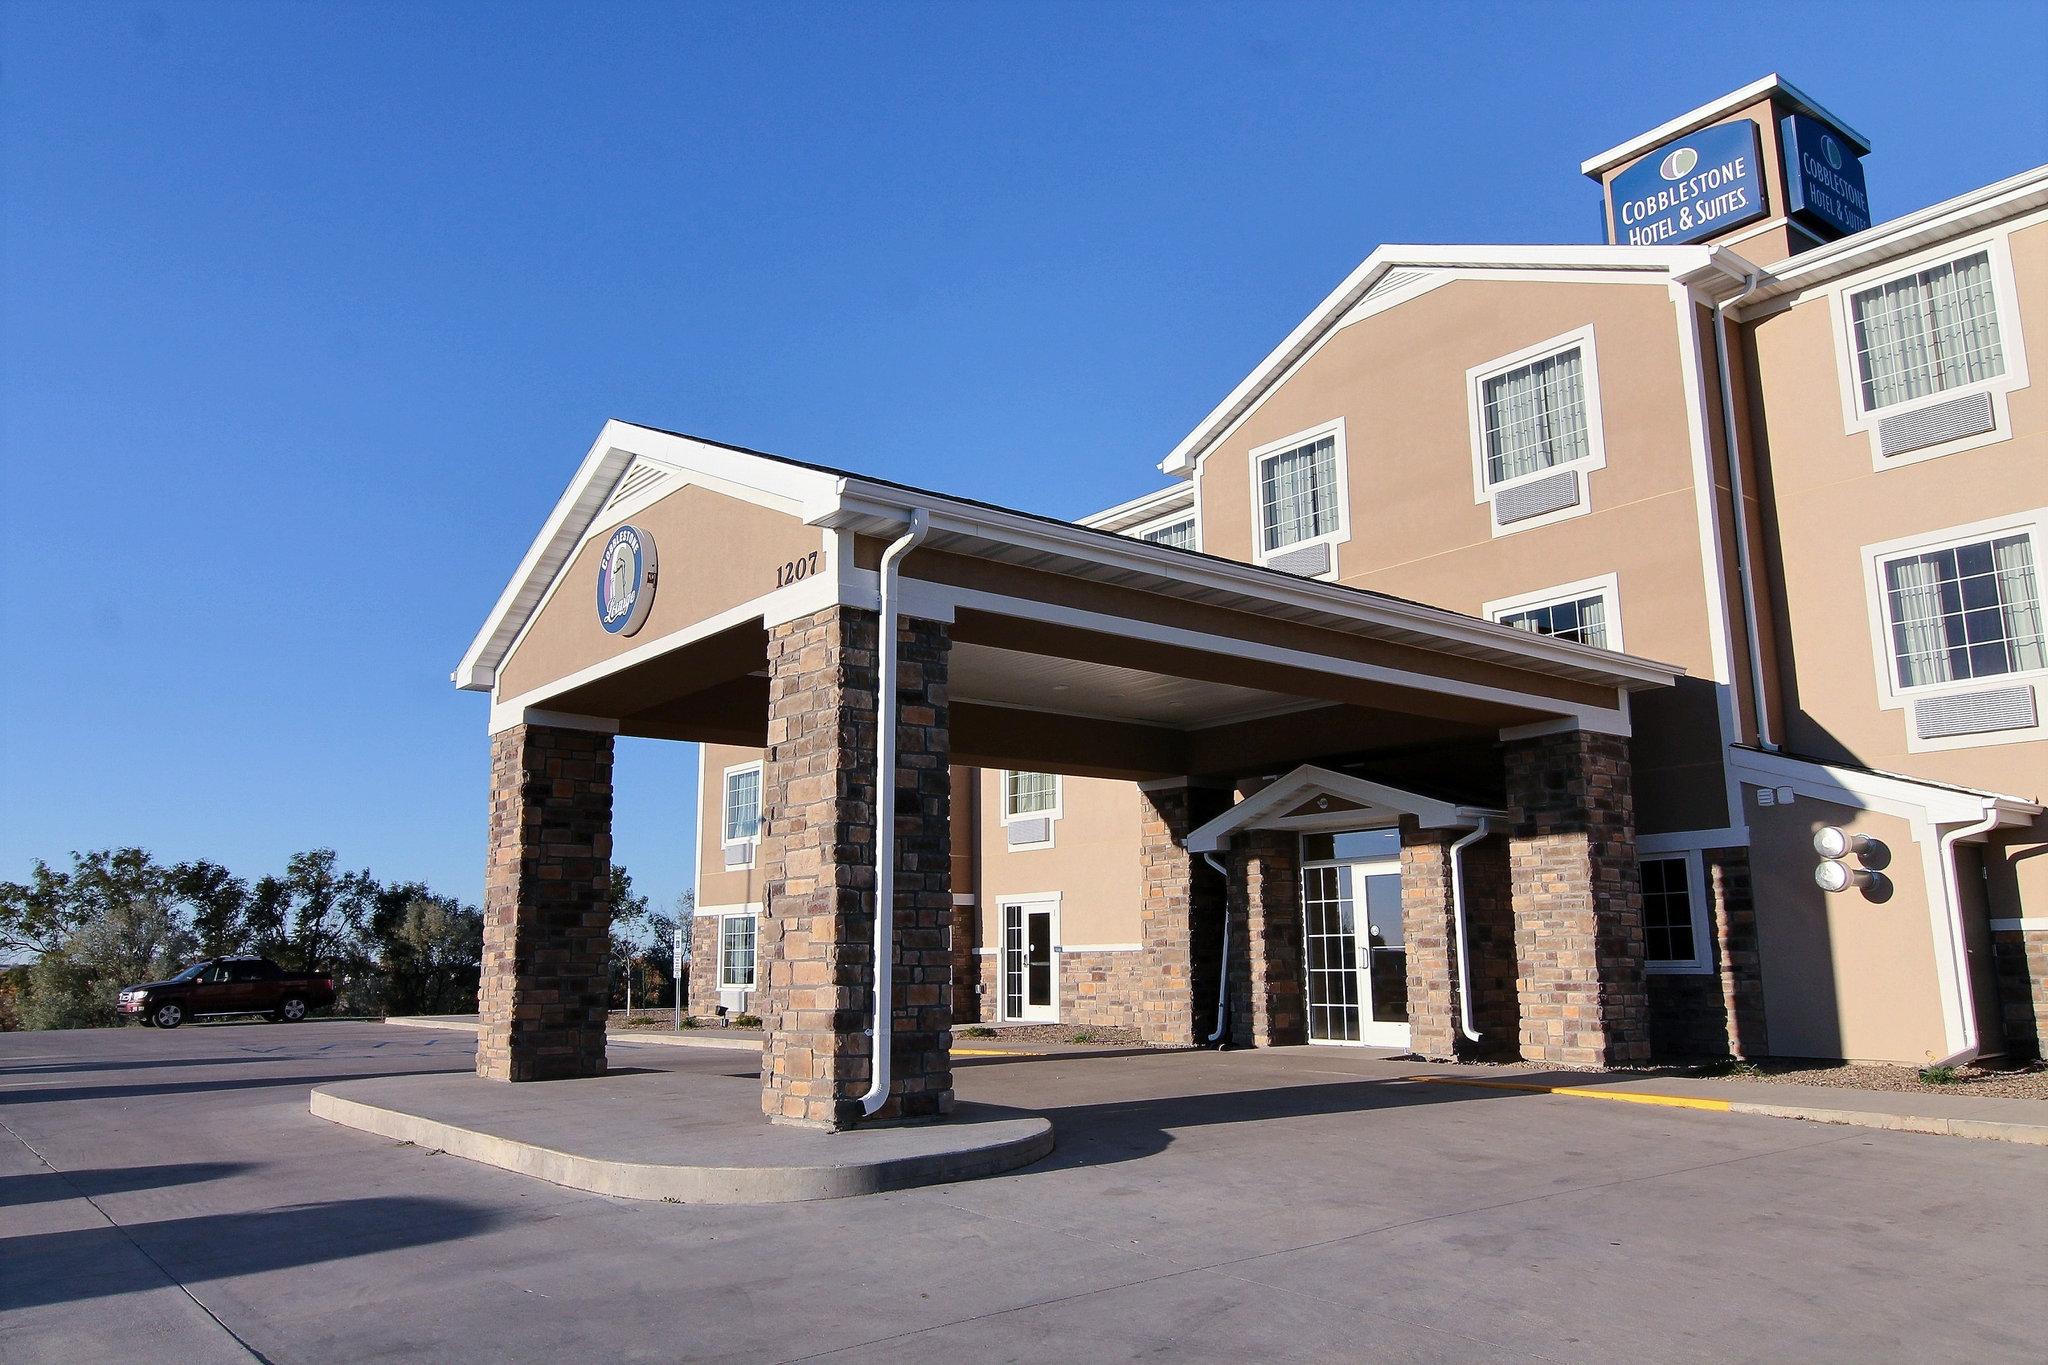 Cobblestone Hotel & Suites Beulah